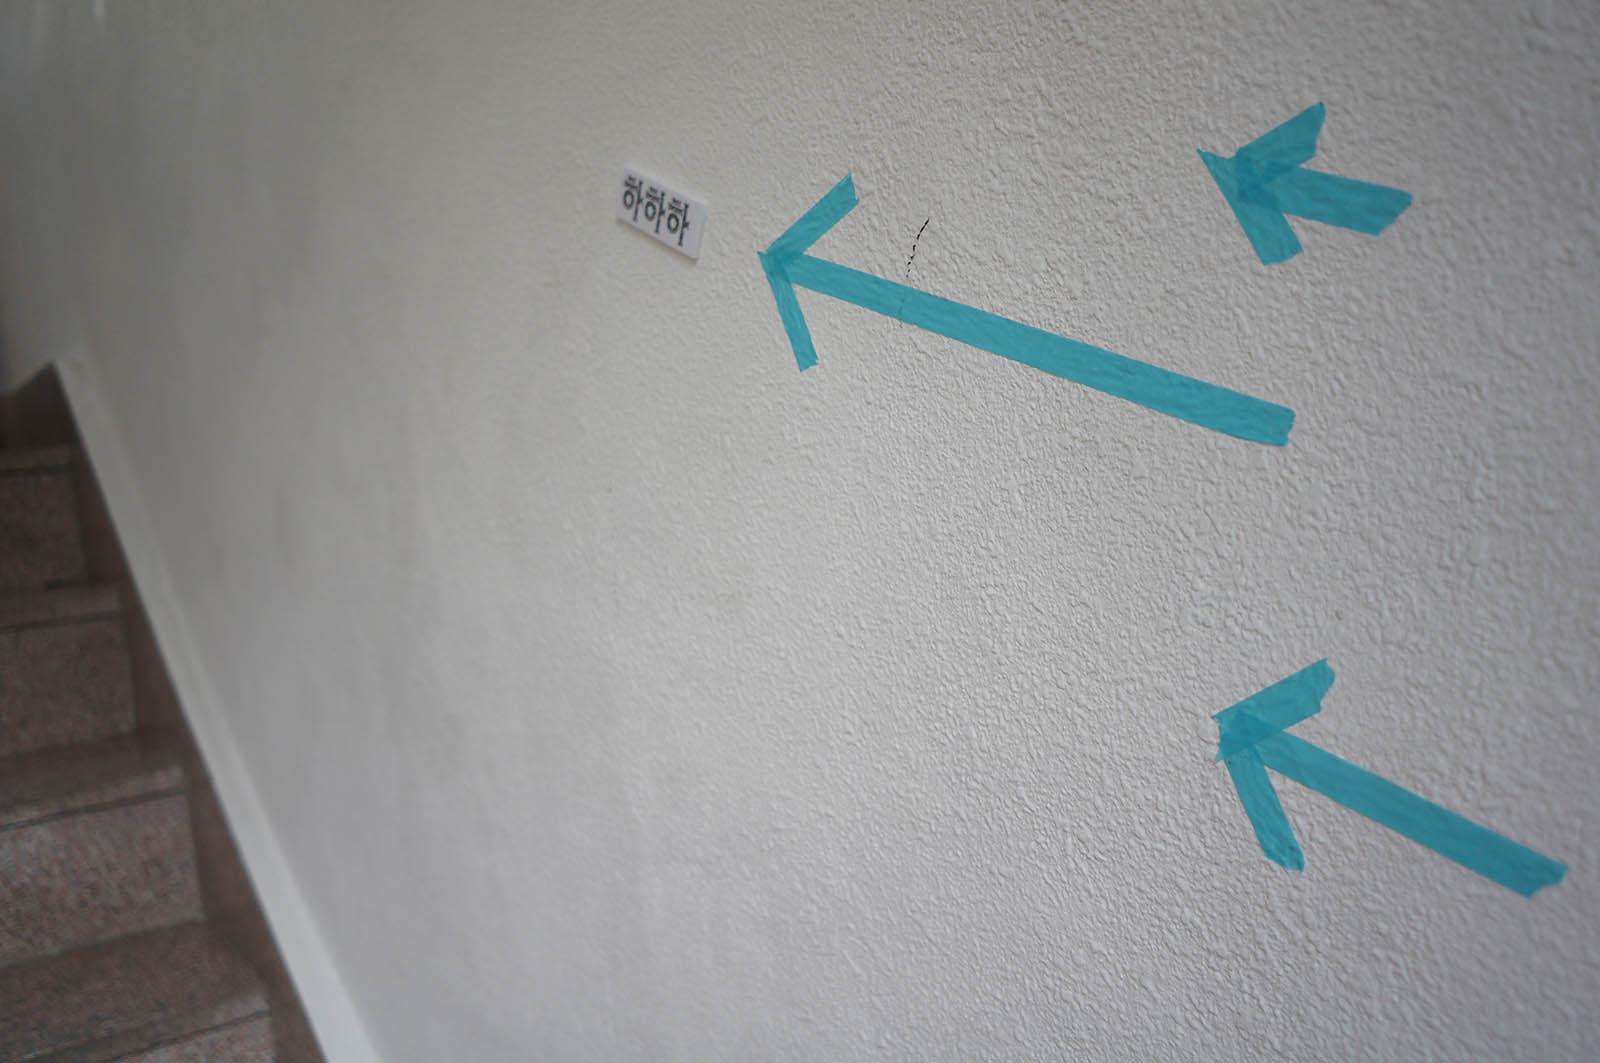 계단의 마지막 부분에 부착된 화살표와 하하하 문구